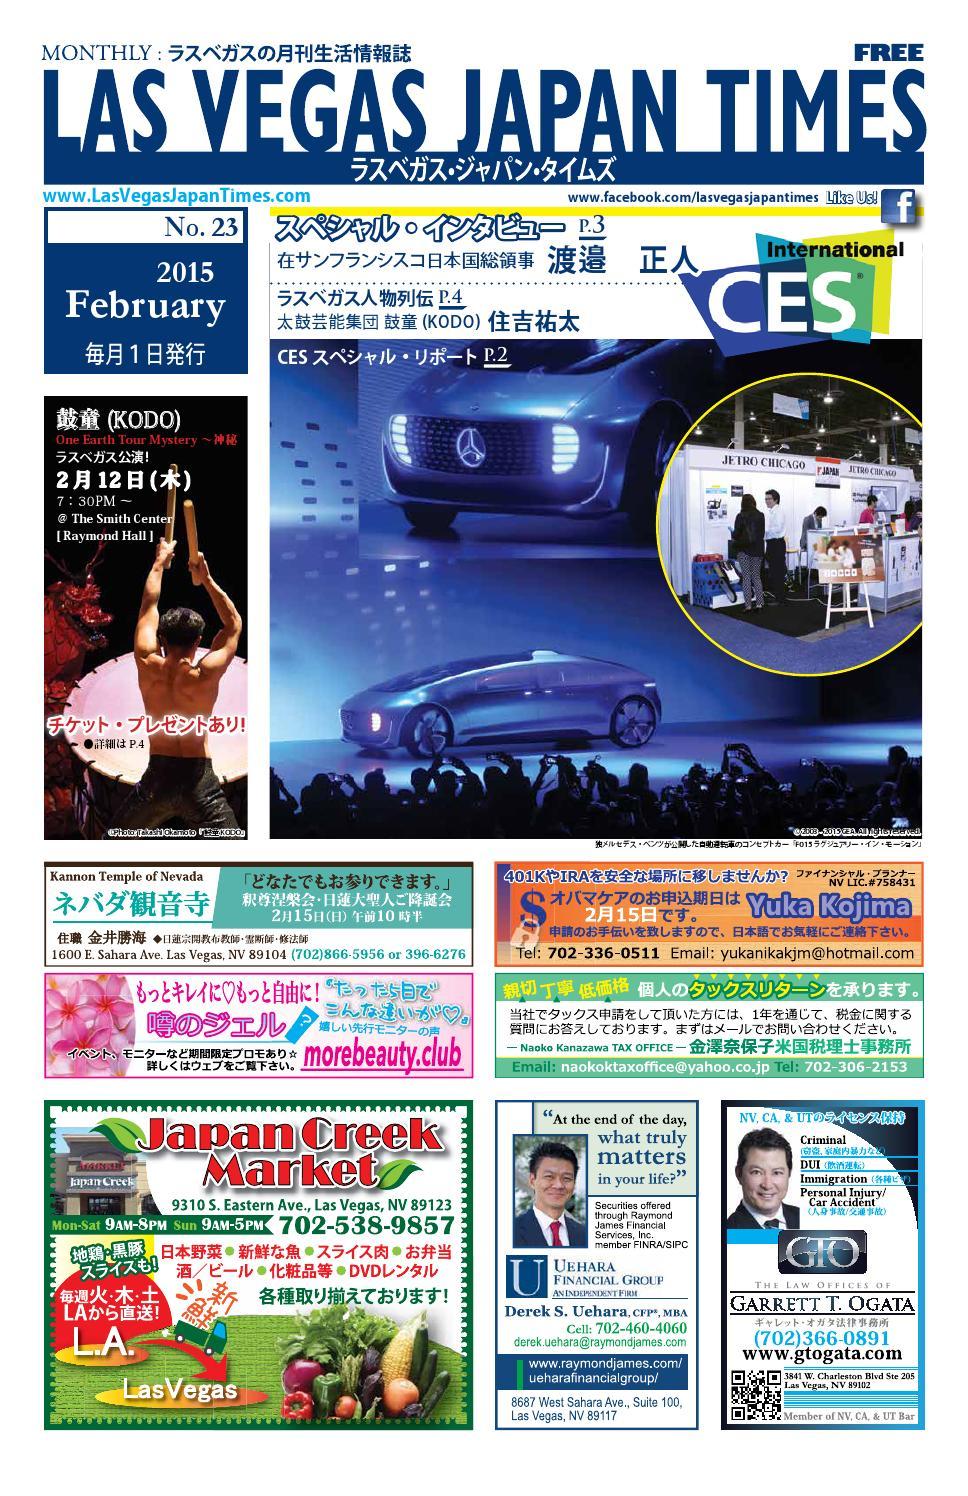 Las Vegas Japan Times 【2月号】 2015 Las Vegas Japan Times 【2月号】 2015